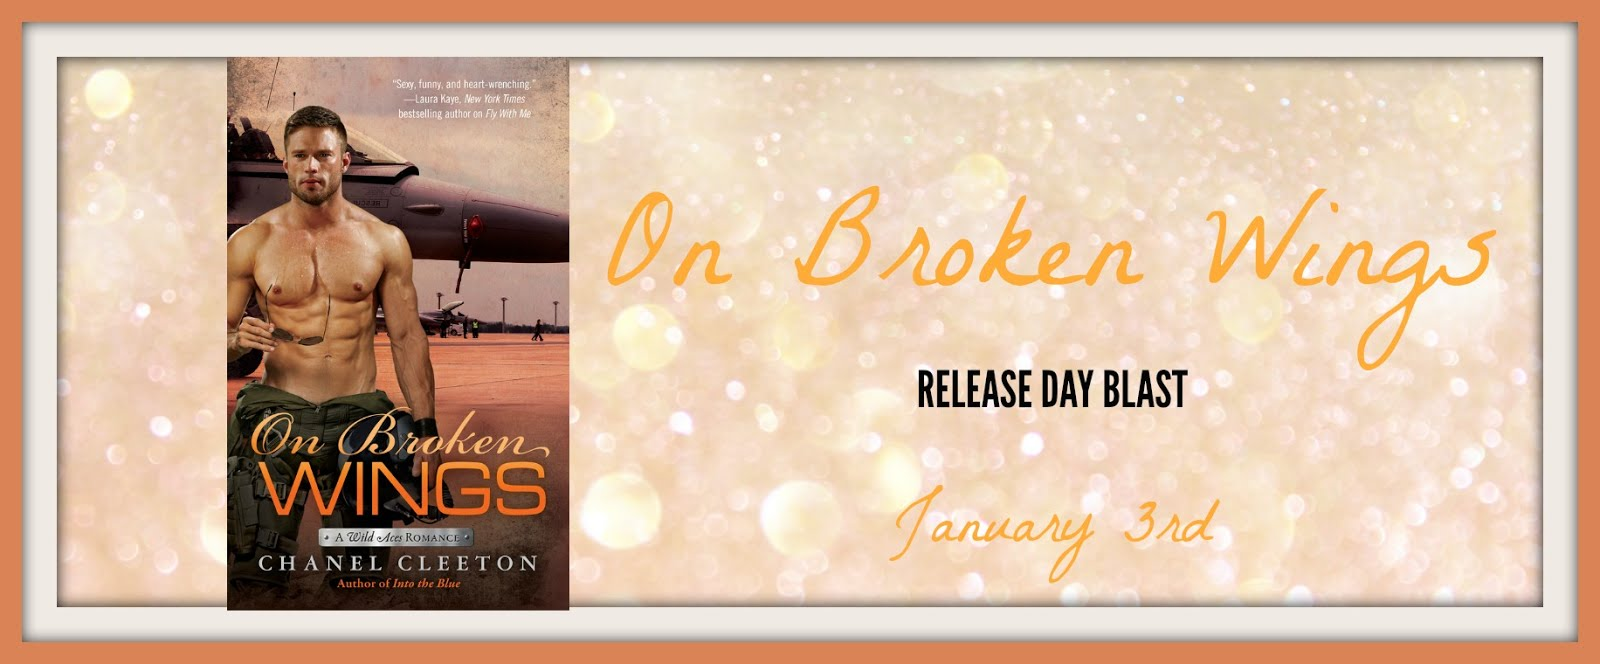 On Broken Wings Release Day Blast